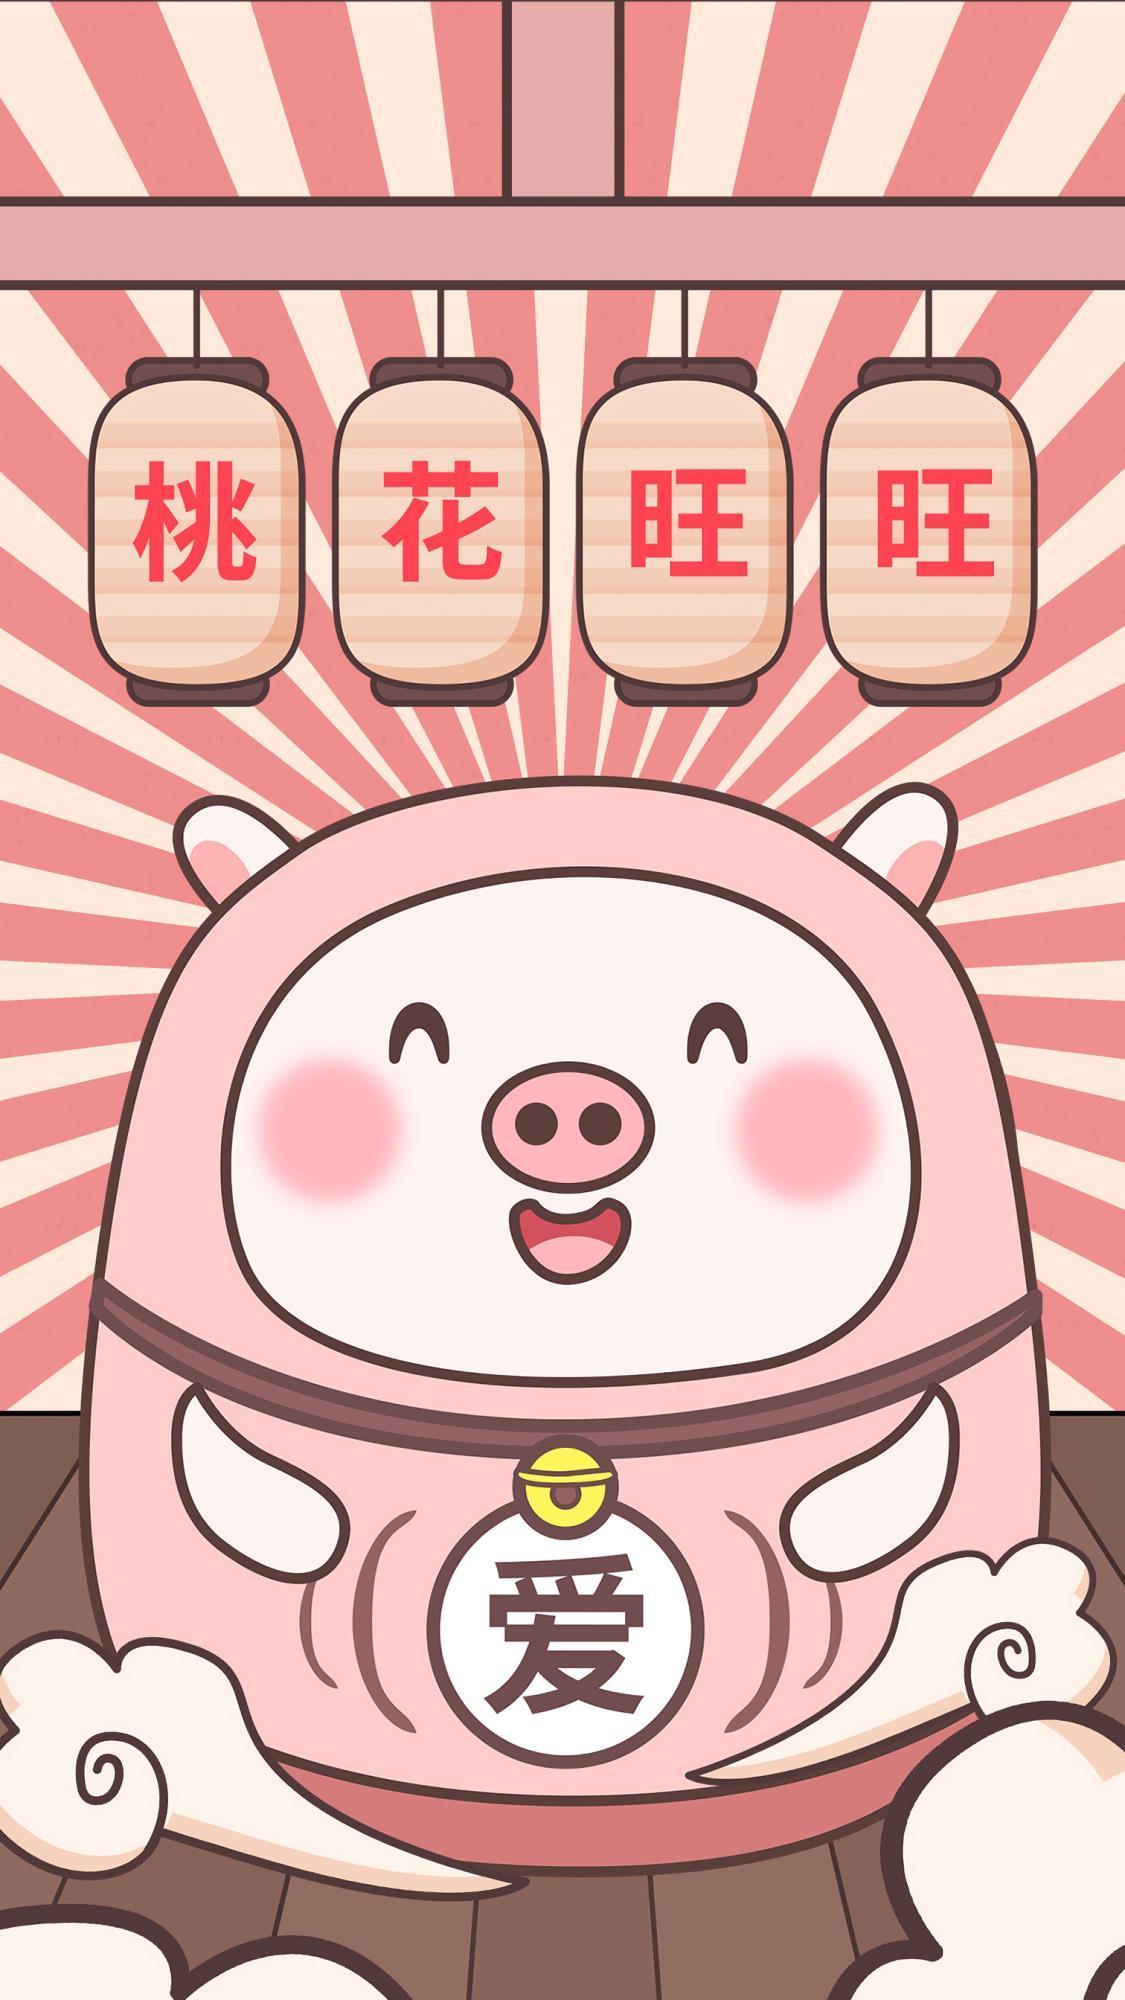 可爱猪猪壁纸在哪能获取呢?iphone手机能用的猪年壁纸在哪有?